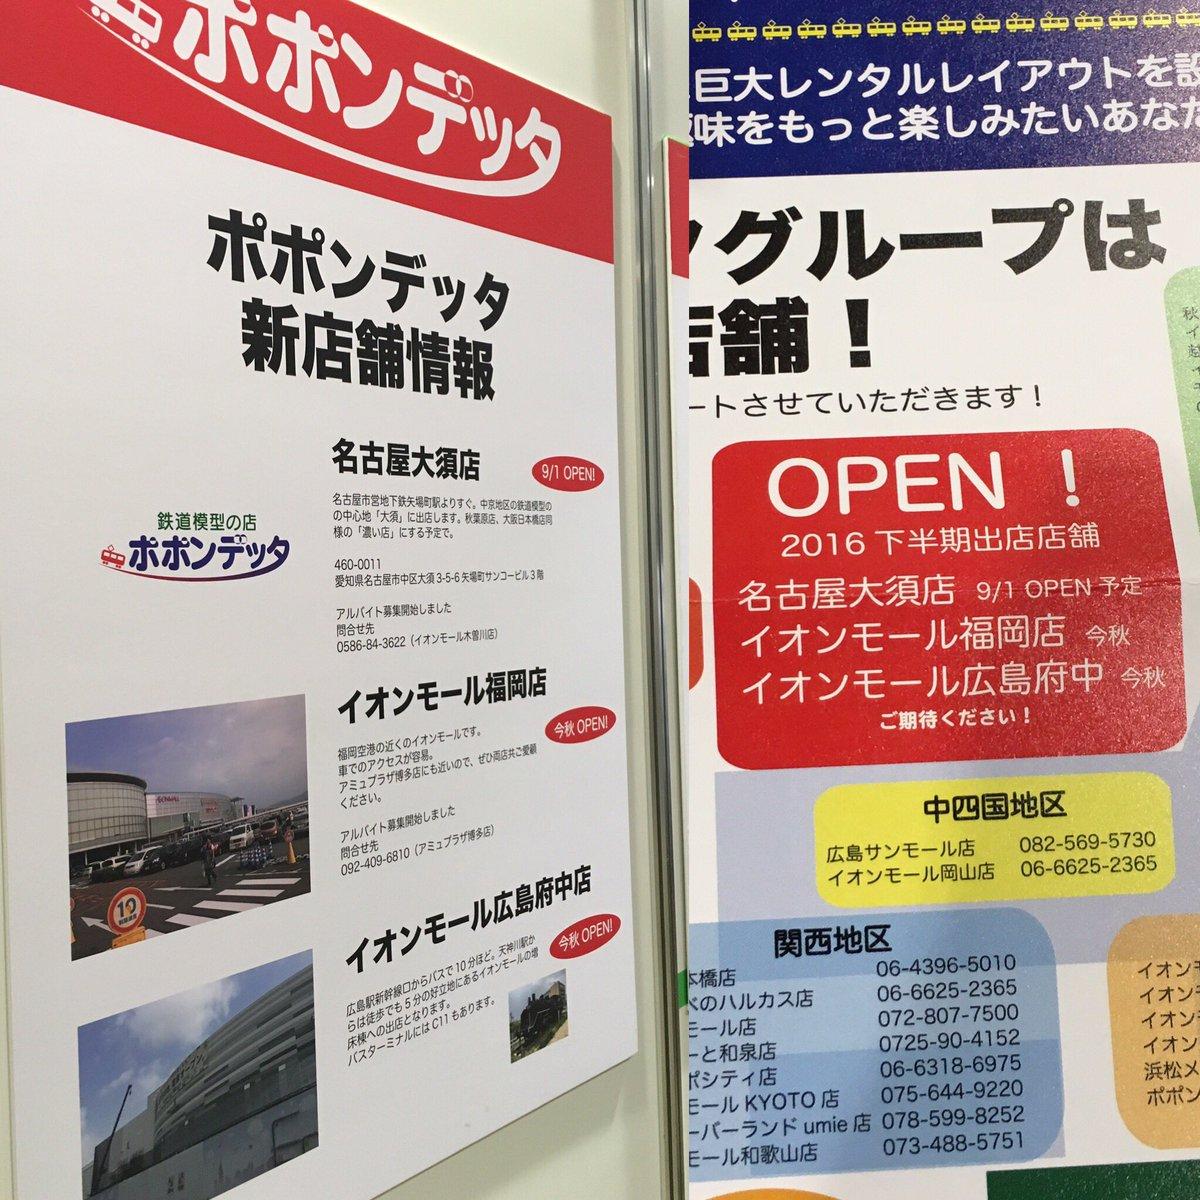 鉄道模型コンテスト会場で、秋の新店舗情報!地元の皆さまよろしくお願い致します‼︎ #鉄道 #新店 #近日開店 #Nゲージ #イオンモール #大須 #福岡 #広島 https://t.co/0PVqCnLAub